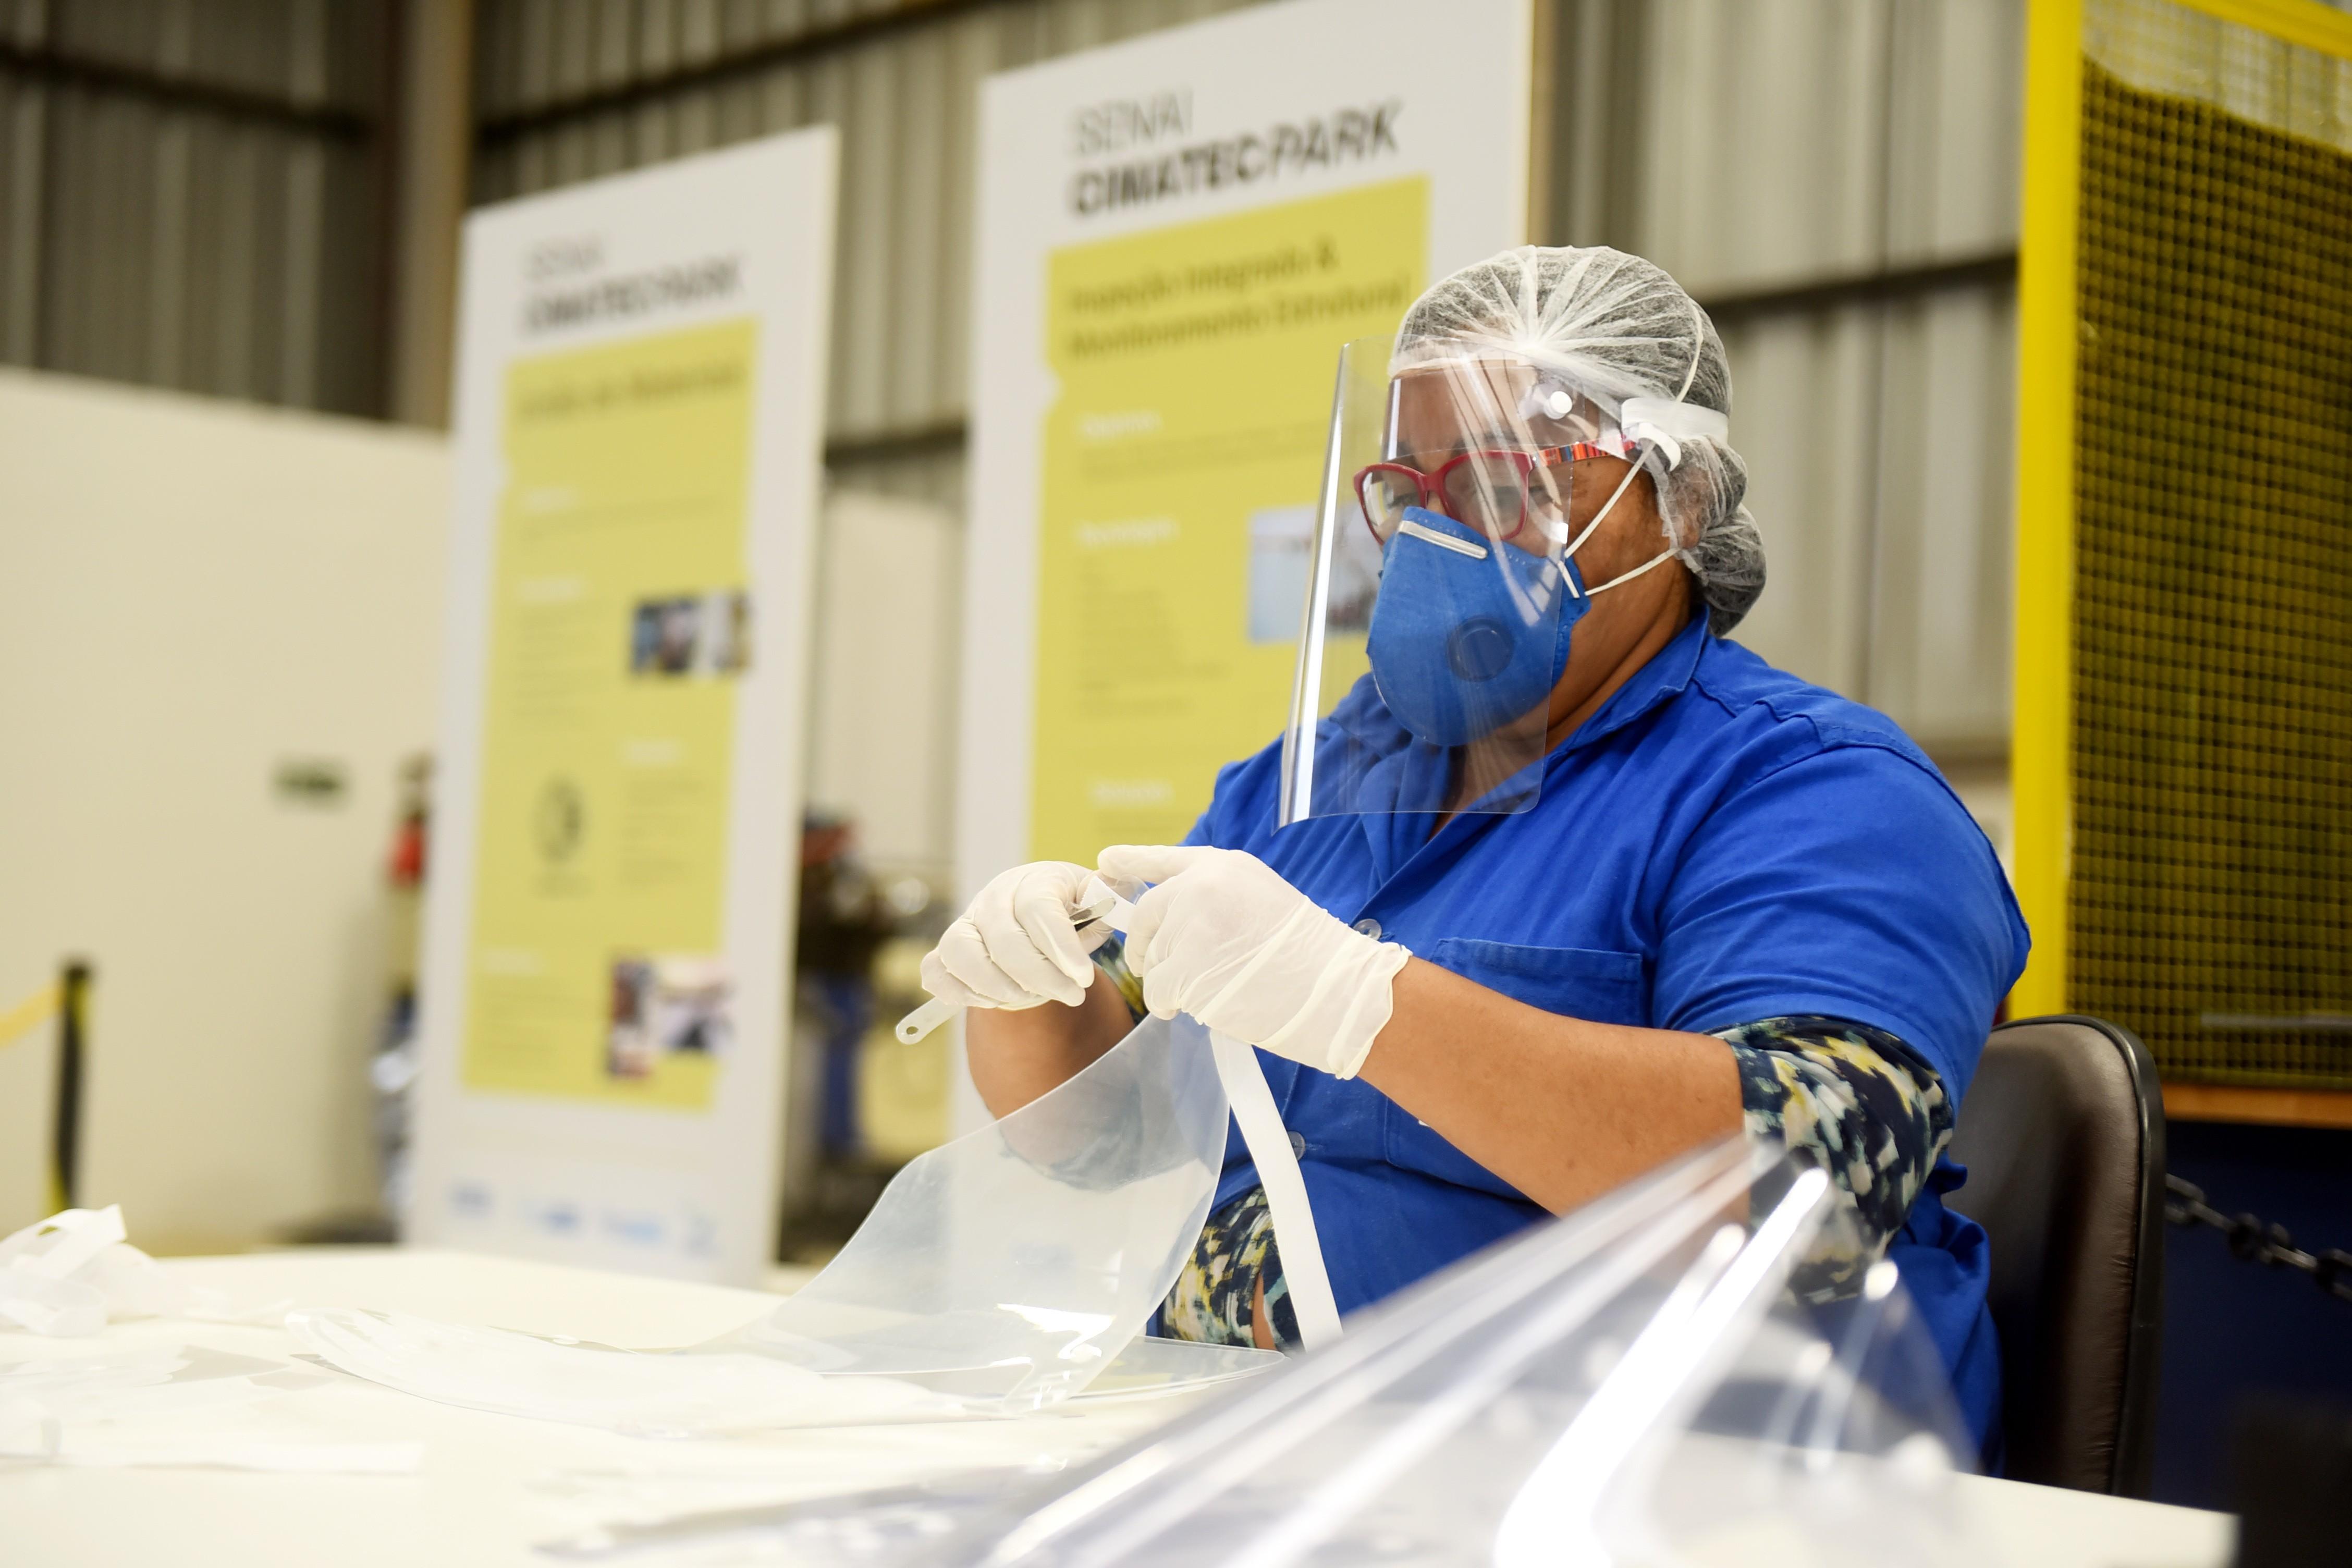 Dia da Indústria: setor produtivo se reinventa durante a pandemia de coronavírus